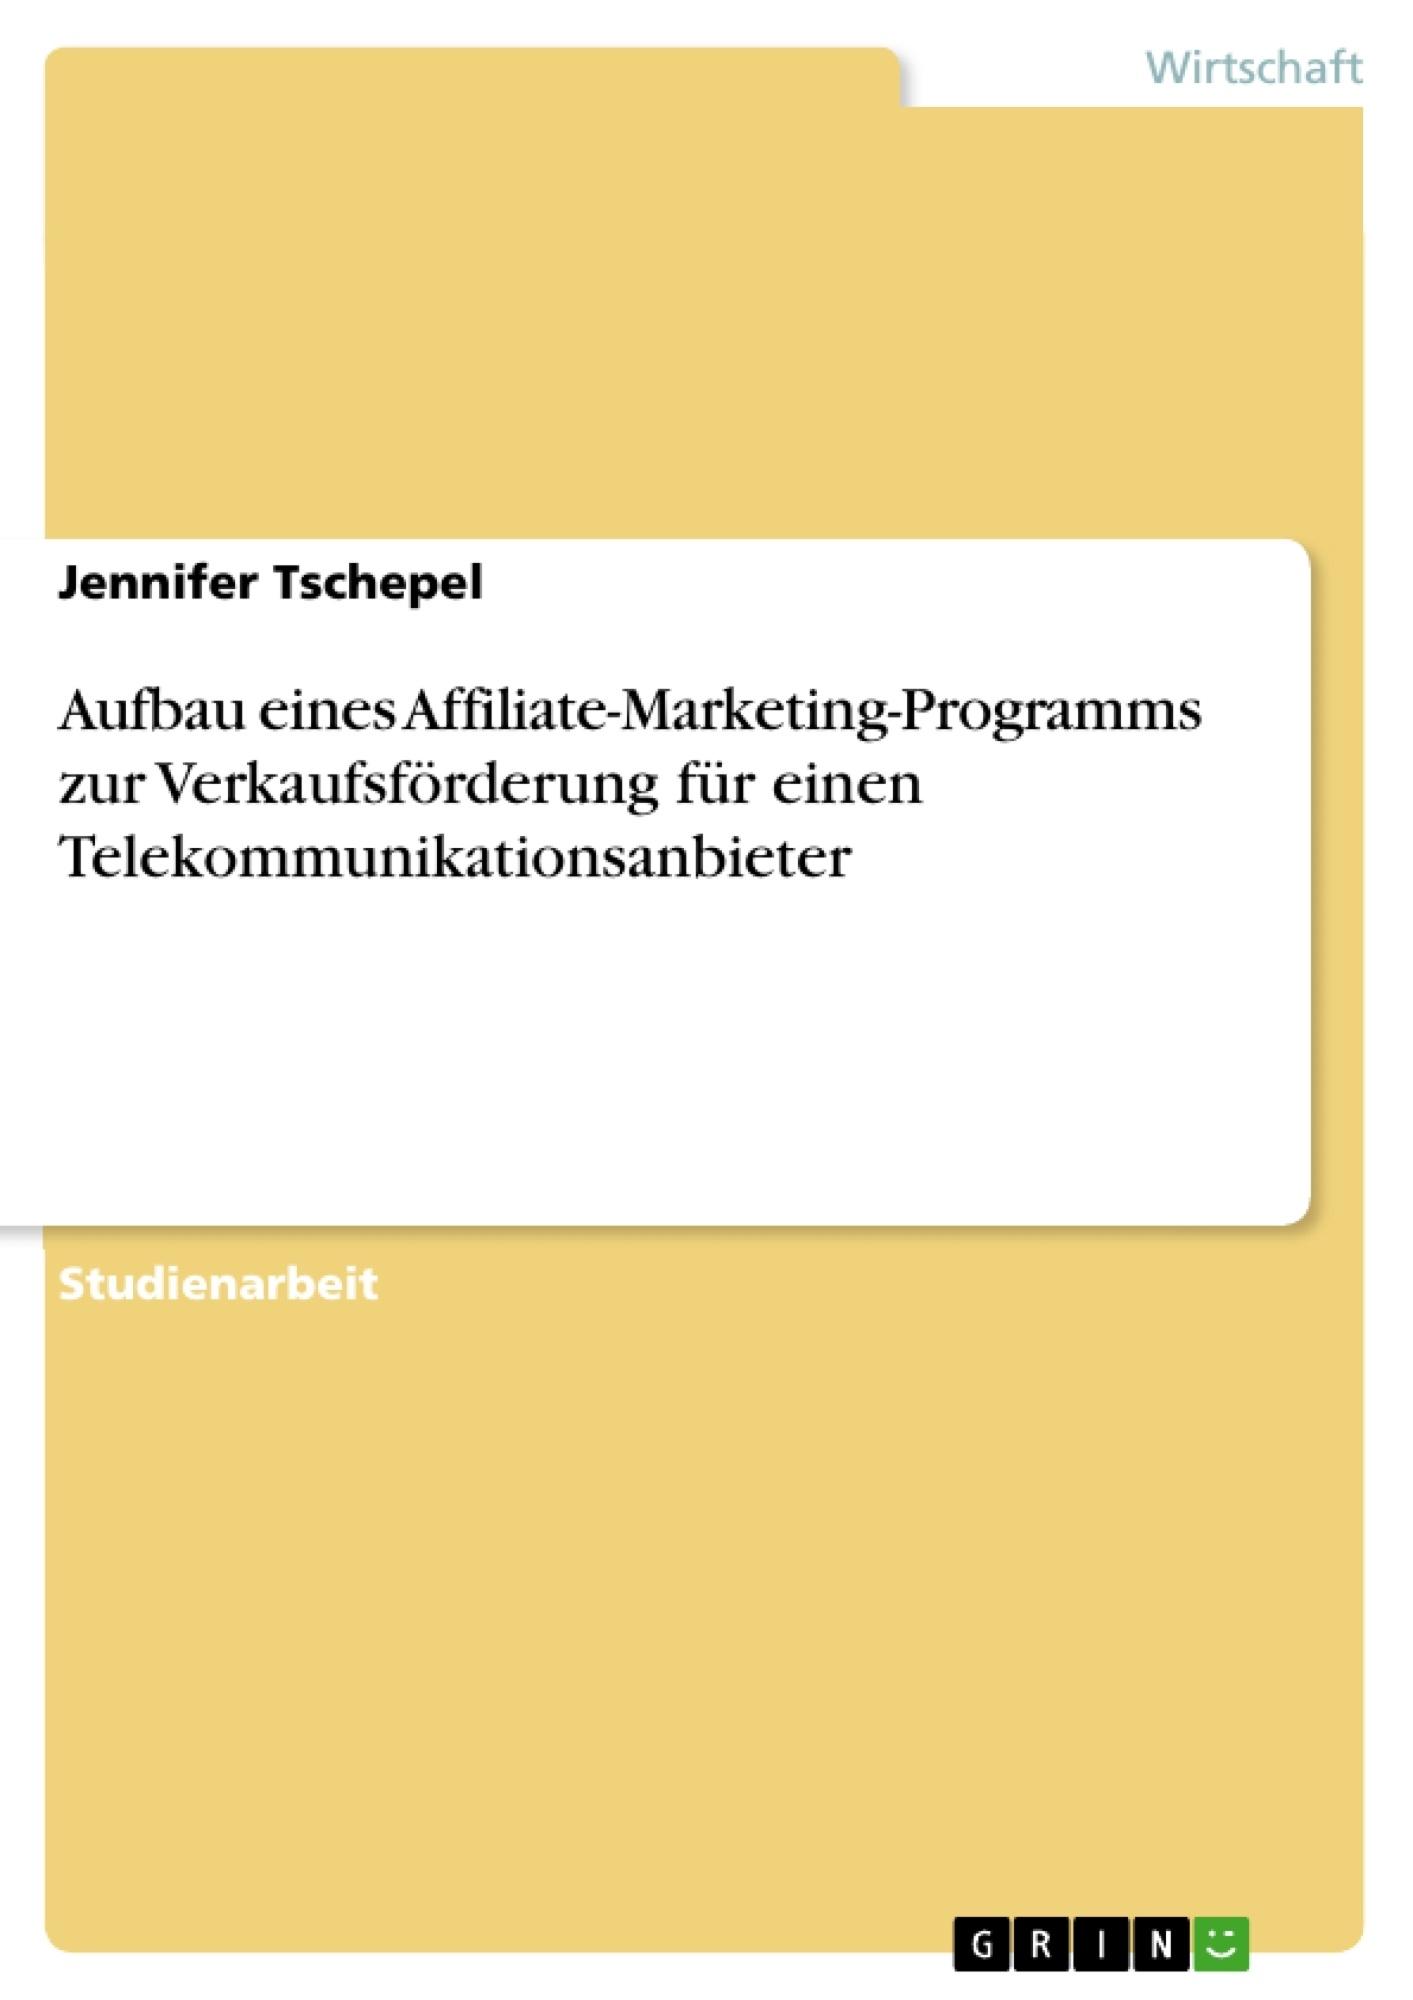 Titel: Aufbau eines Affiliate-Marketing-Programms zur Verkaufsförderung für einen Telekommunikationsanbieter